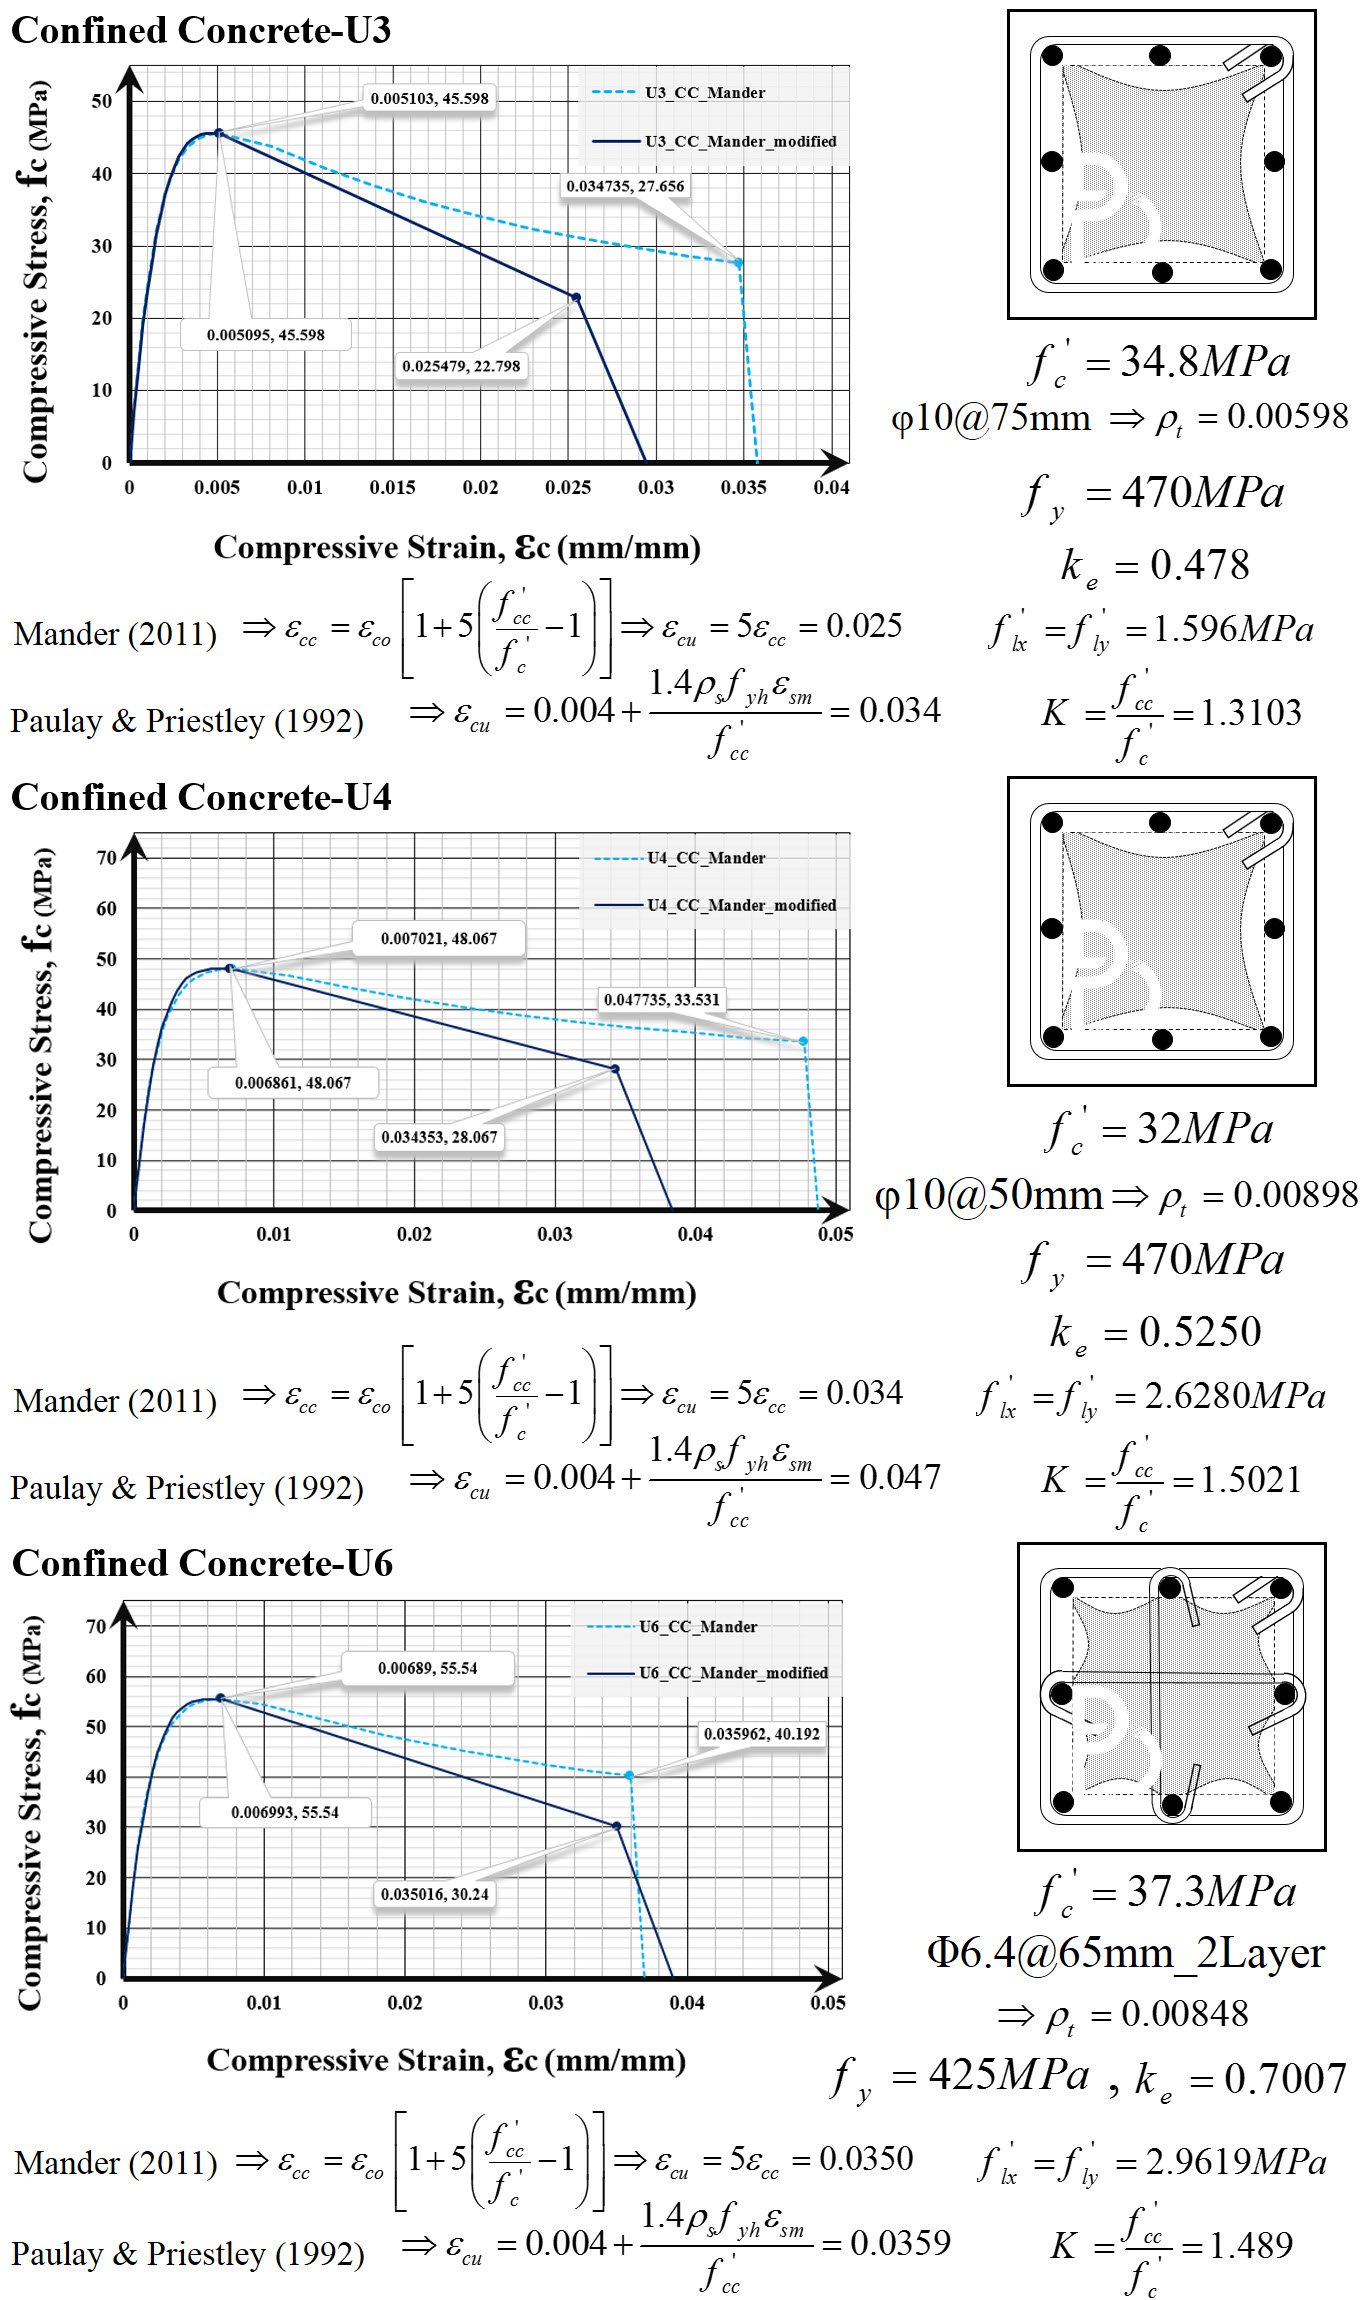 تاثیر آرماتورگذاری عرضی مختلف بر منحنی تنش -کرنش بتن محصور شده براساس مدلهای 1988 و 2011 مندر و همکاران